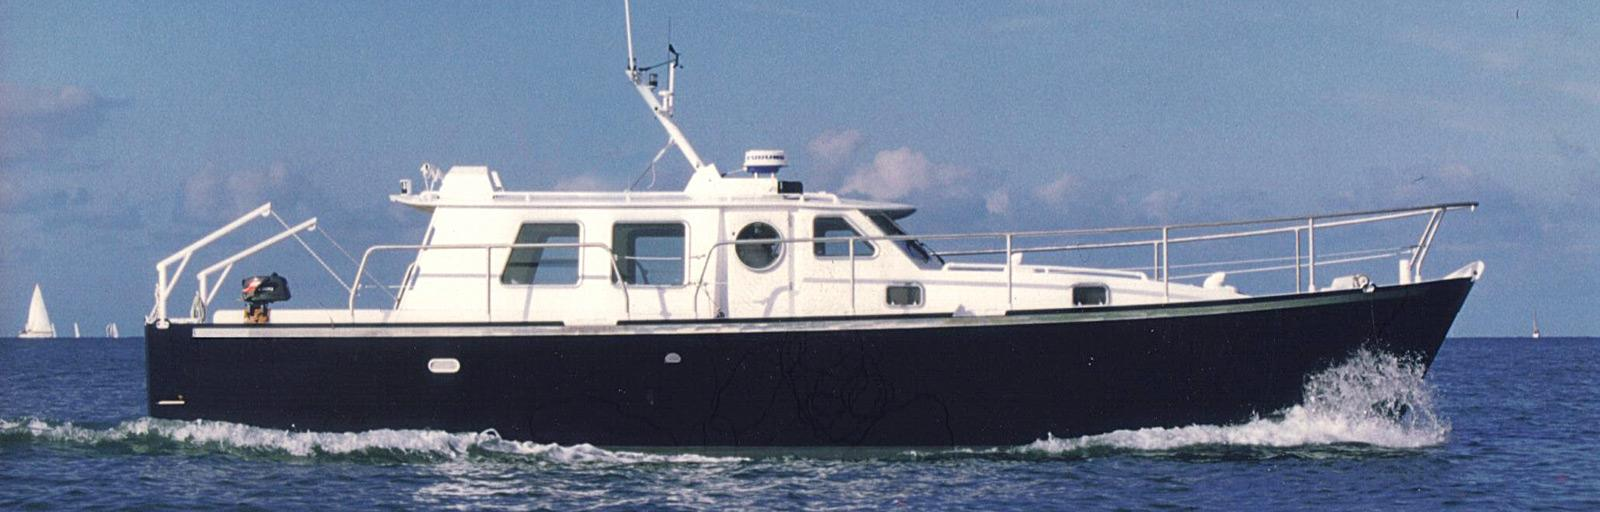 Trawler Meta King Atlantique - AYC Yachtbrokers